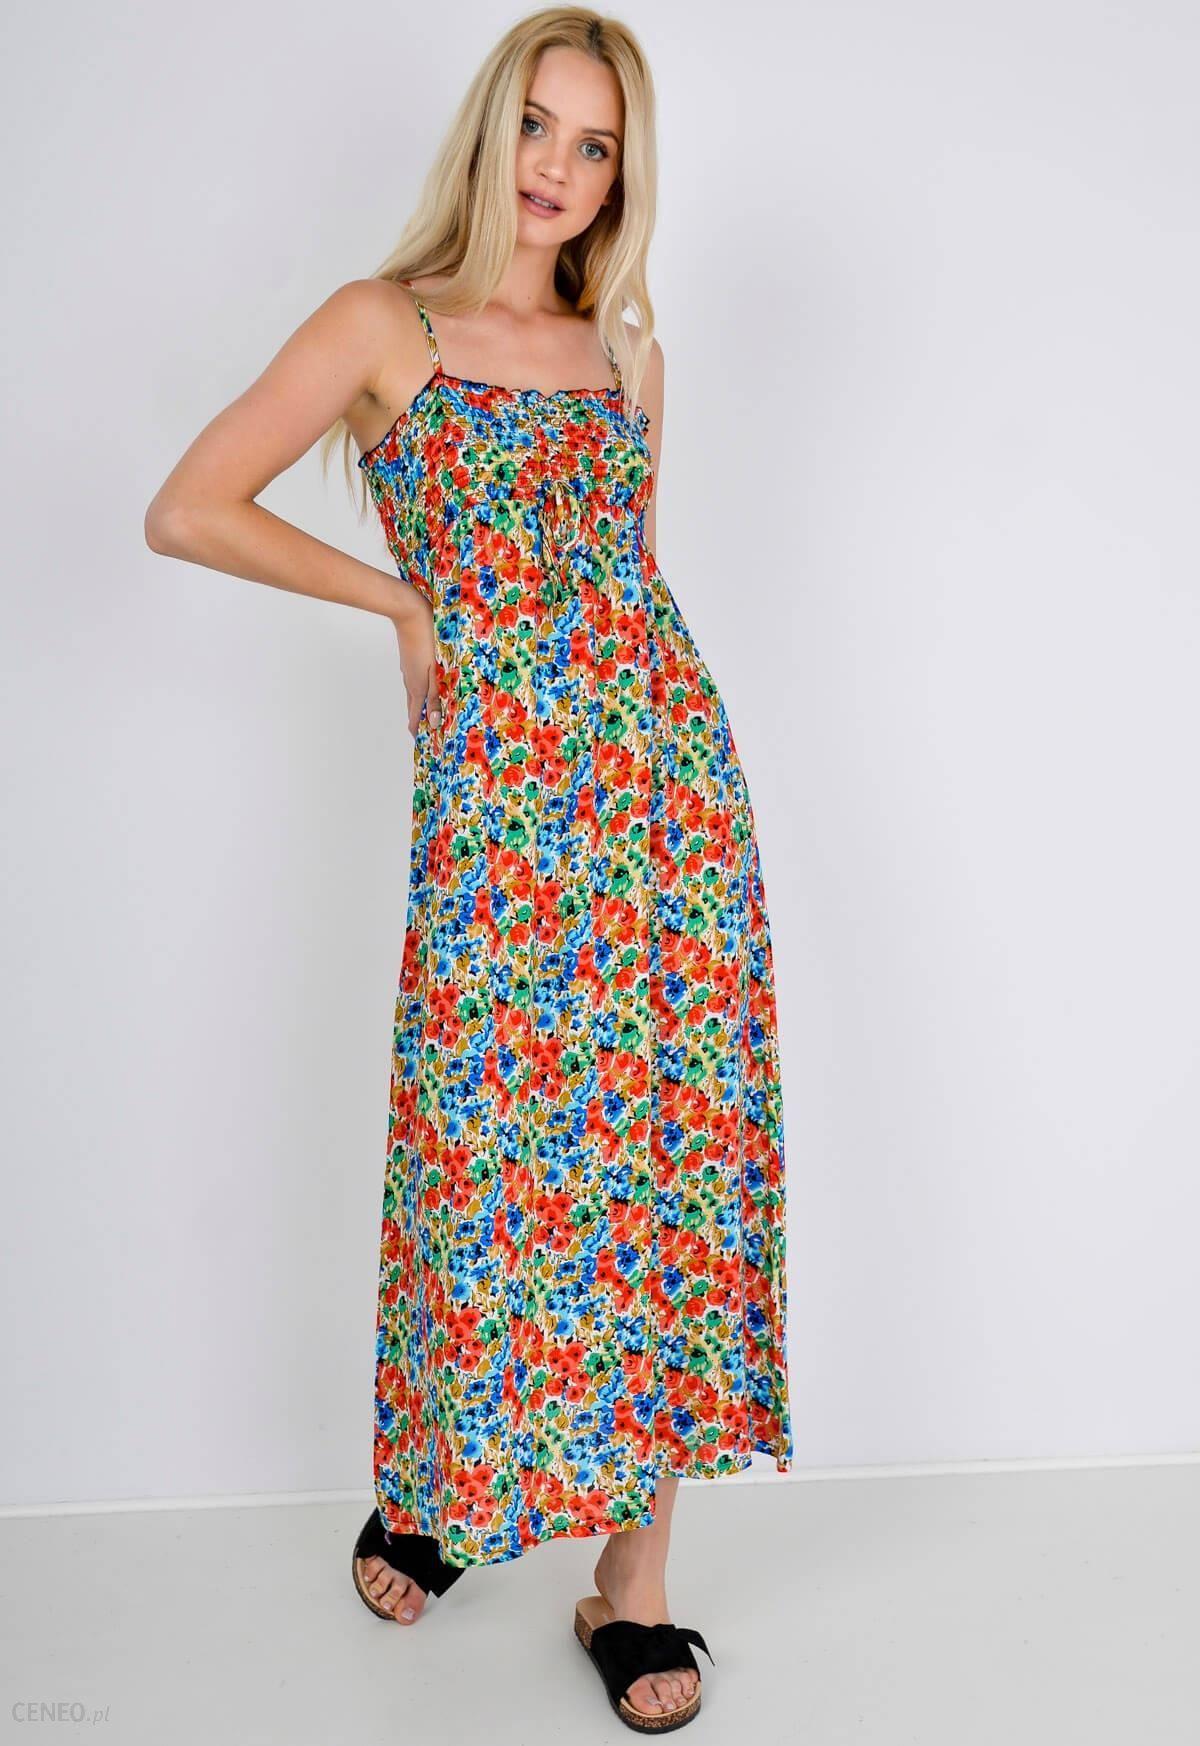 cc718ea4c4 Sukienka maxi wzór w kwiatki - Ceny i opinie - Ceneo.pl